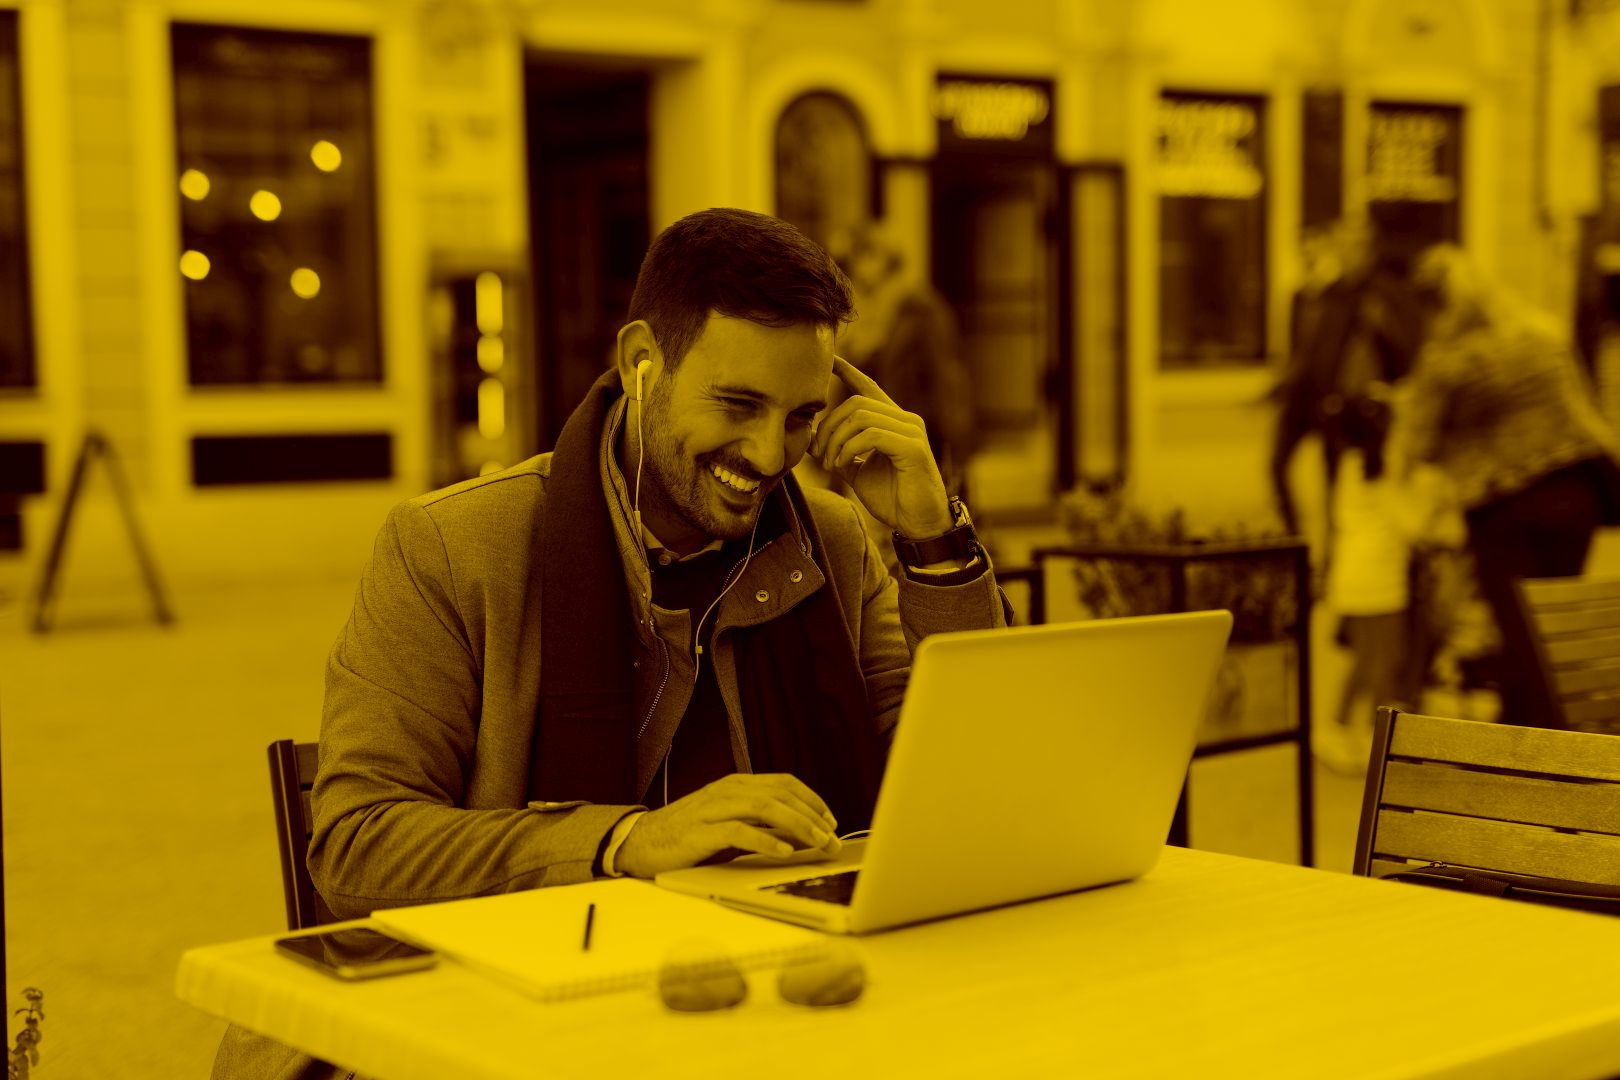 Mann nutzt Desktop as a Service mit maja.cloud auf dem Laptop in einem Cafe